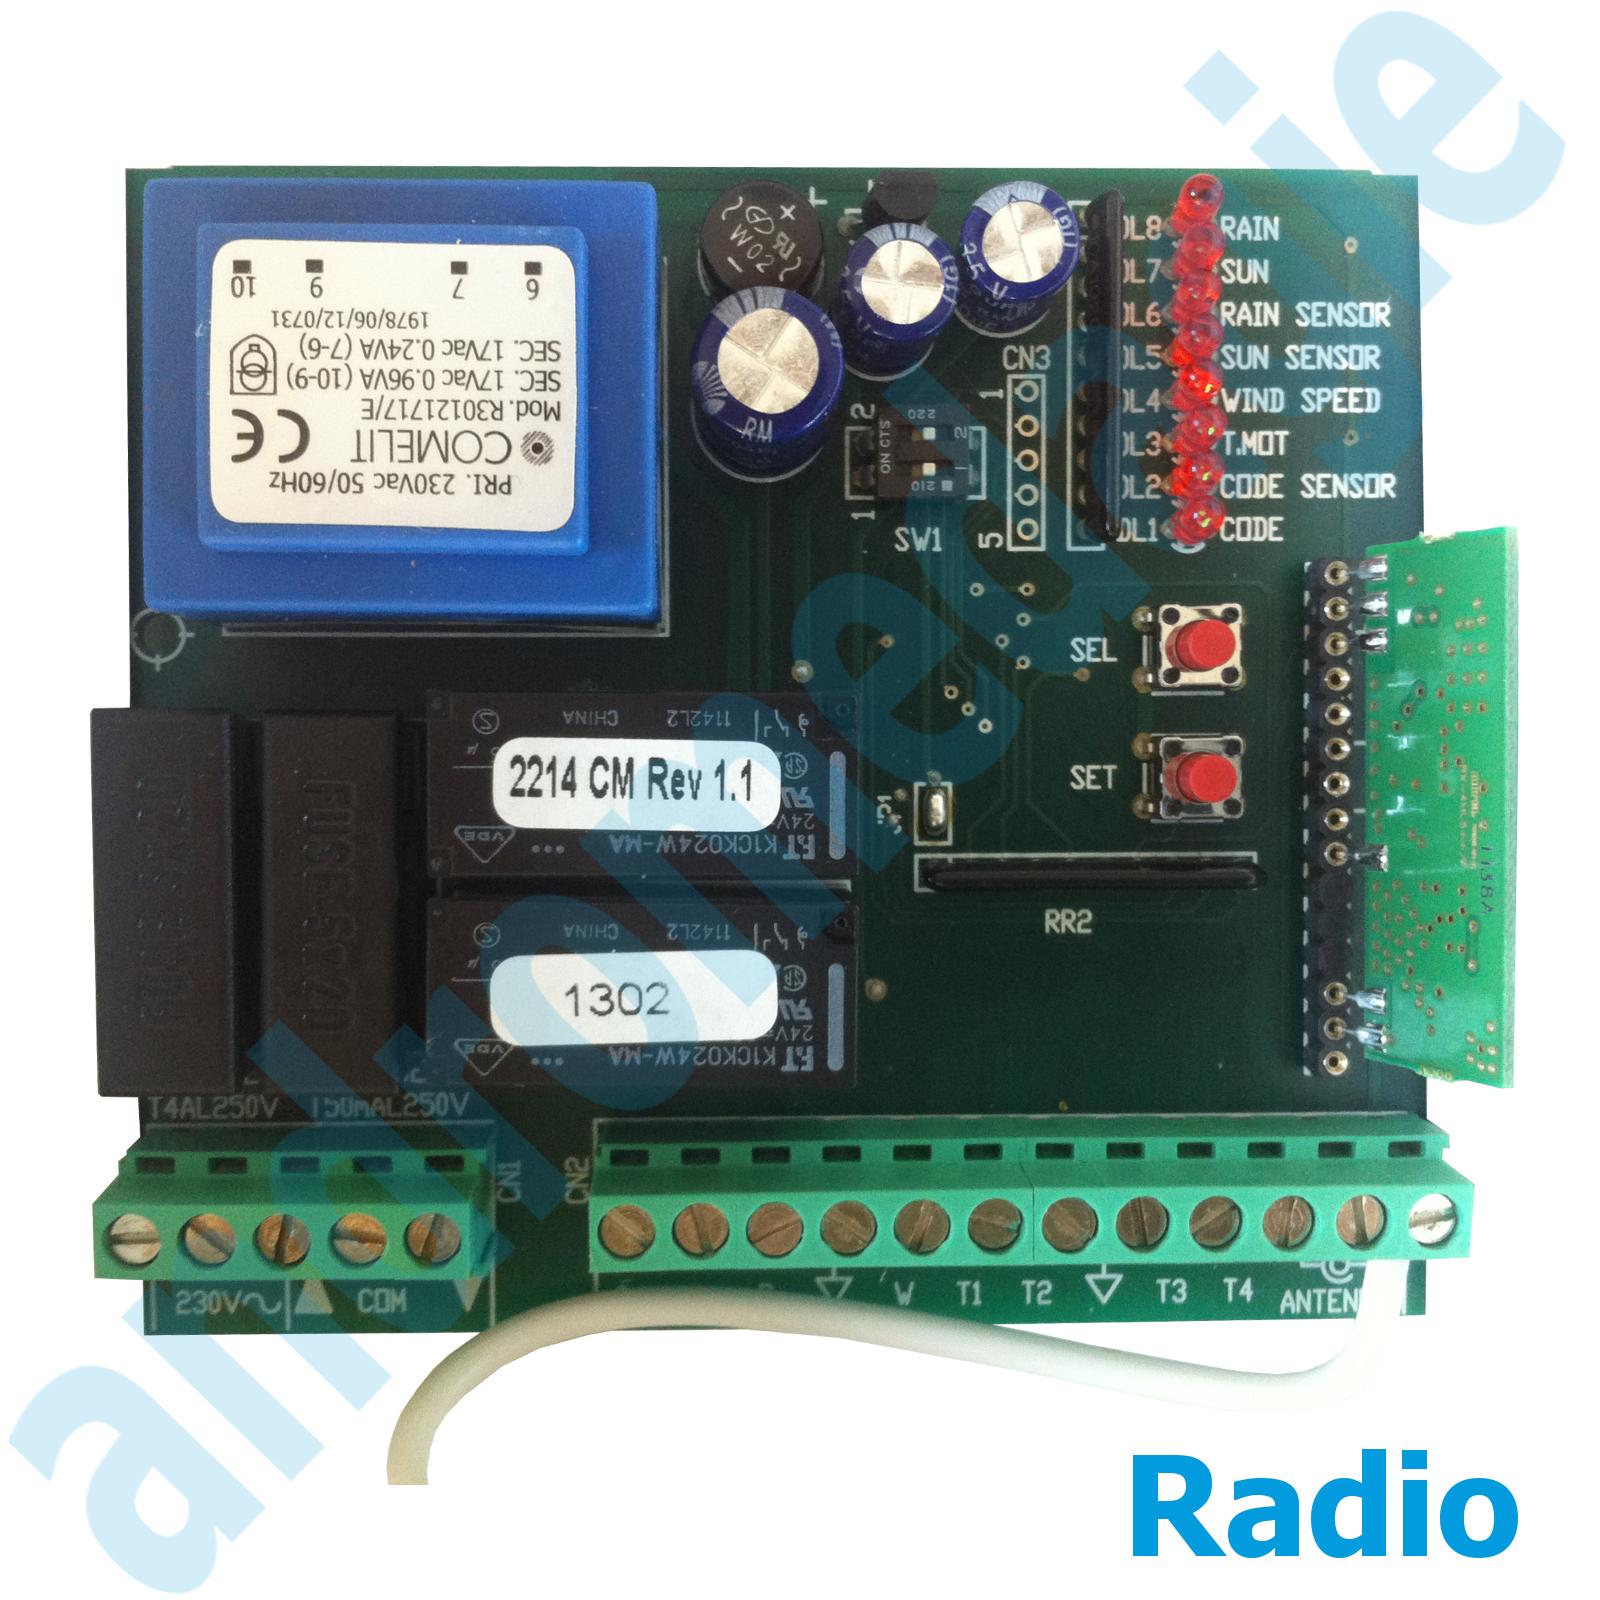 STEUEREINHEIT 230V INTEGRIERTE RADIO